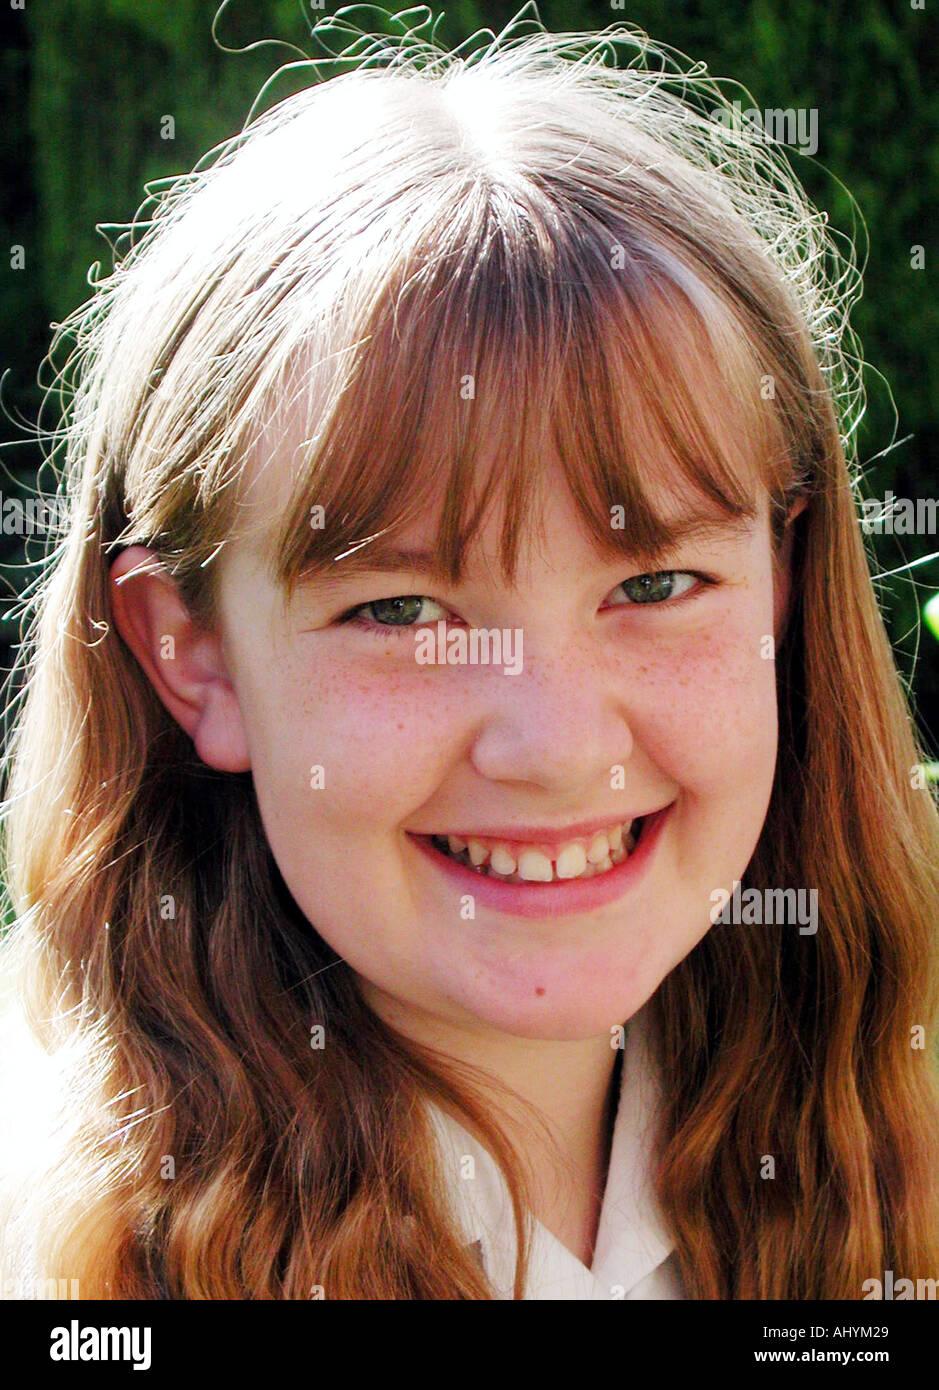 12 Jahre alt kaukasisch Mädchen schüchtern lächelnd Stockfoto, Bild ...